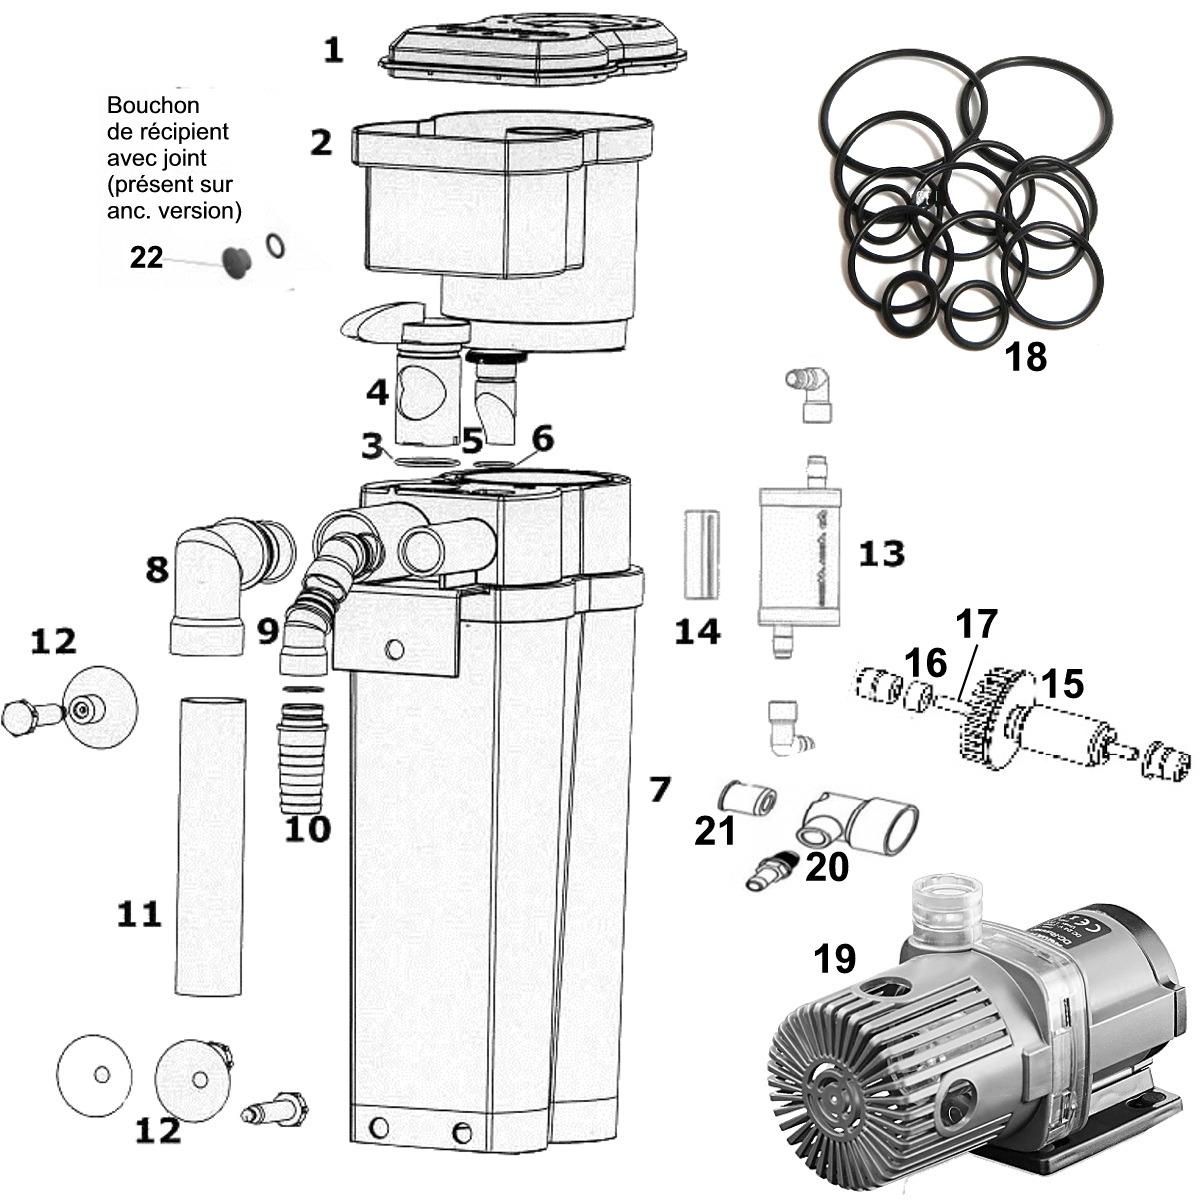 Pièces détachées pour écumeur AQUA MEDIC EVO 1000 - 14 Références disponibles